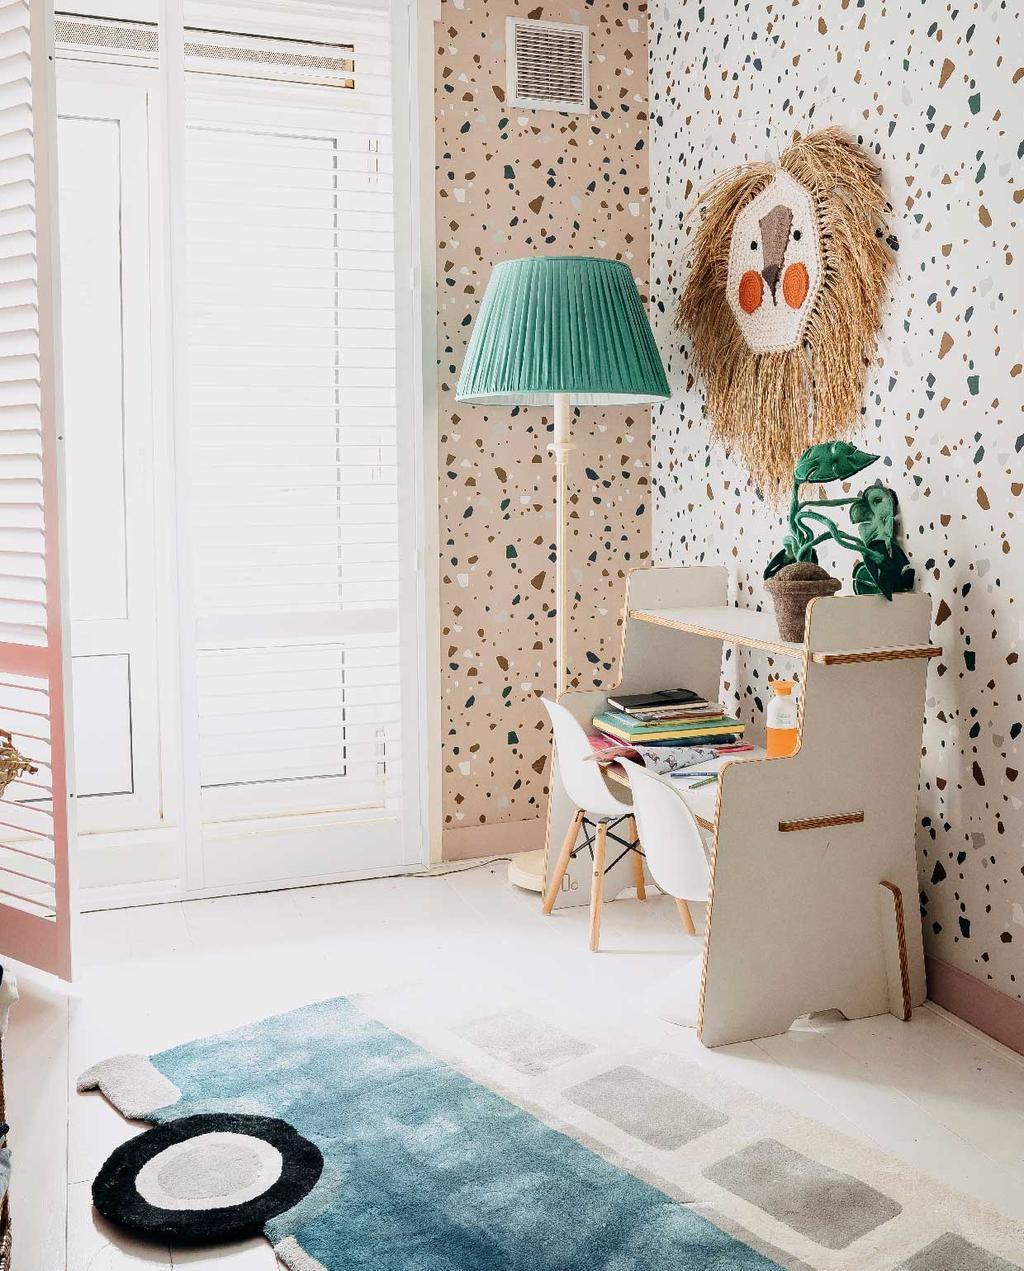 vtwonen 11-2020 | binnenkijken bont familiehuis Amsterdam kinderkamer met vlekken behang, bouwpakket kinderbureau, vloerkleed in vorm van een bus en houten witte lamellen